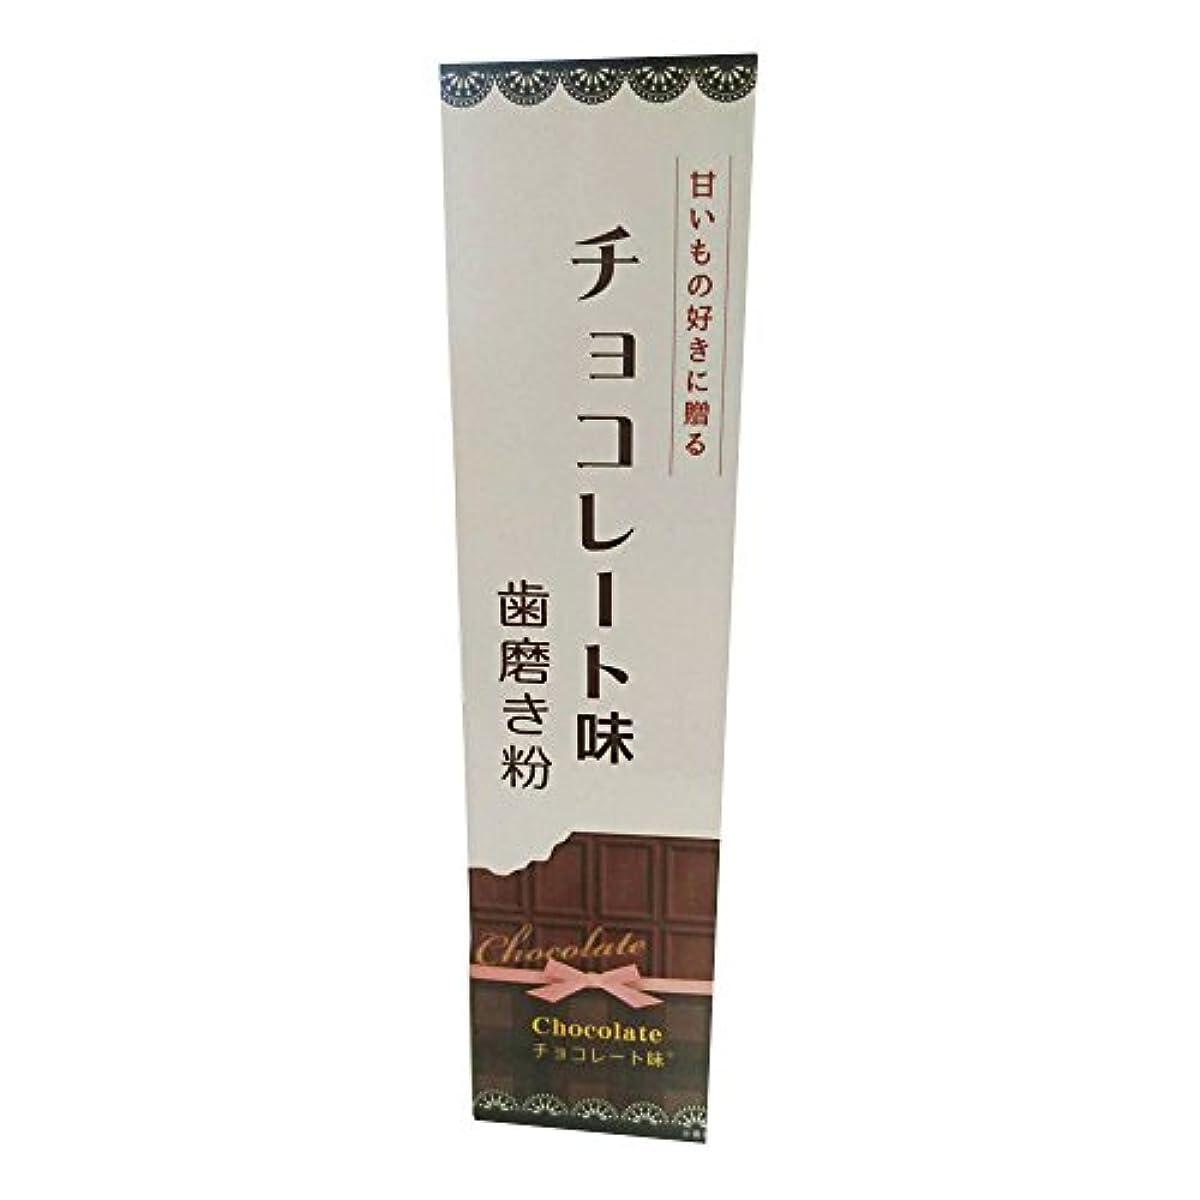 ハード抹消残基フレーバー歯磨き粉チョコレート味 70g